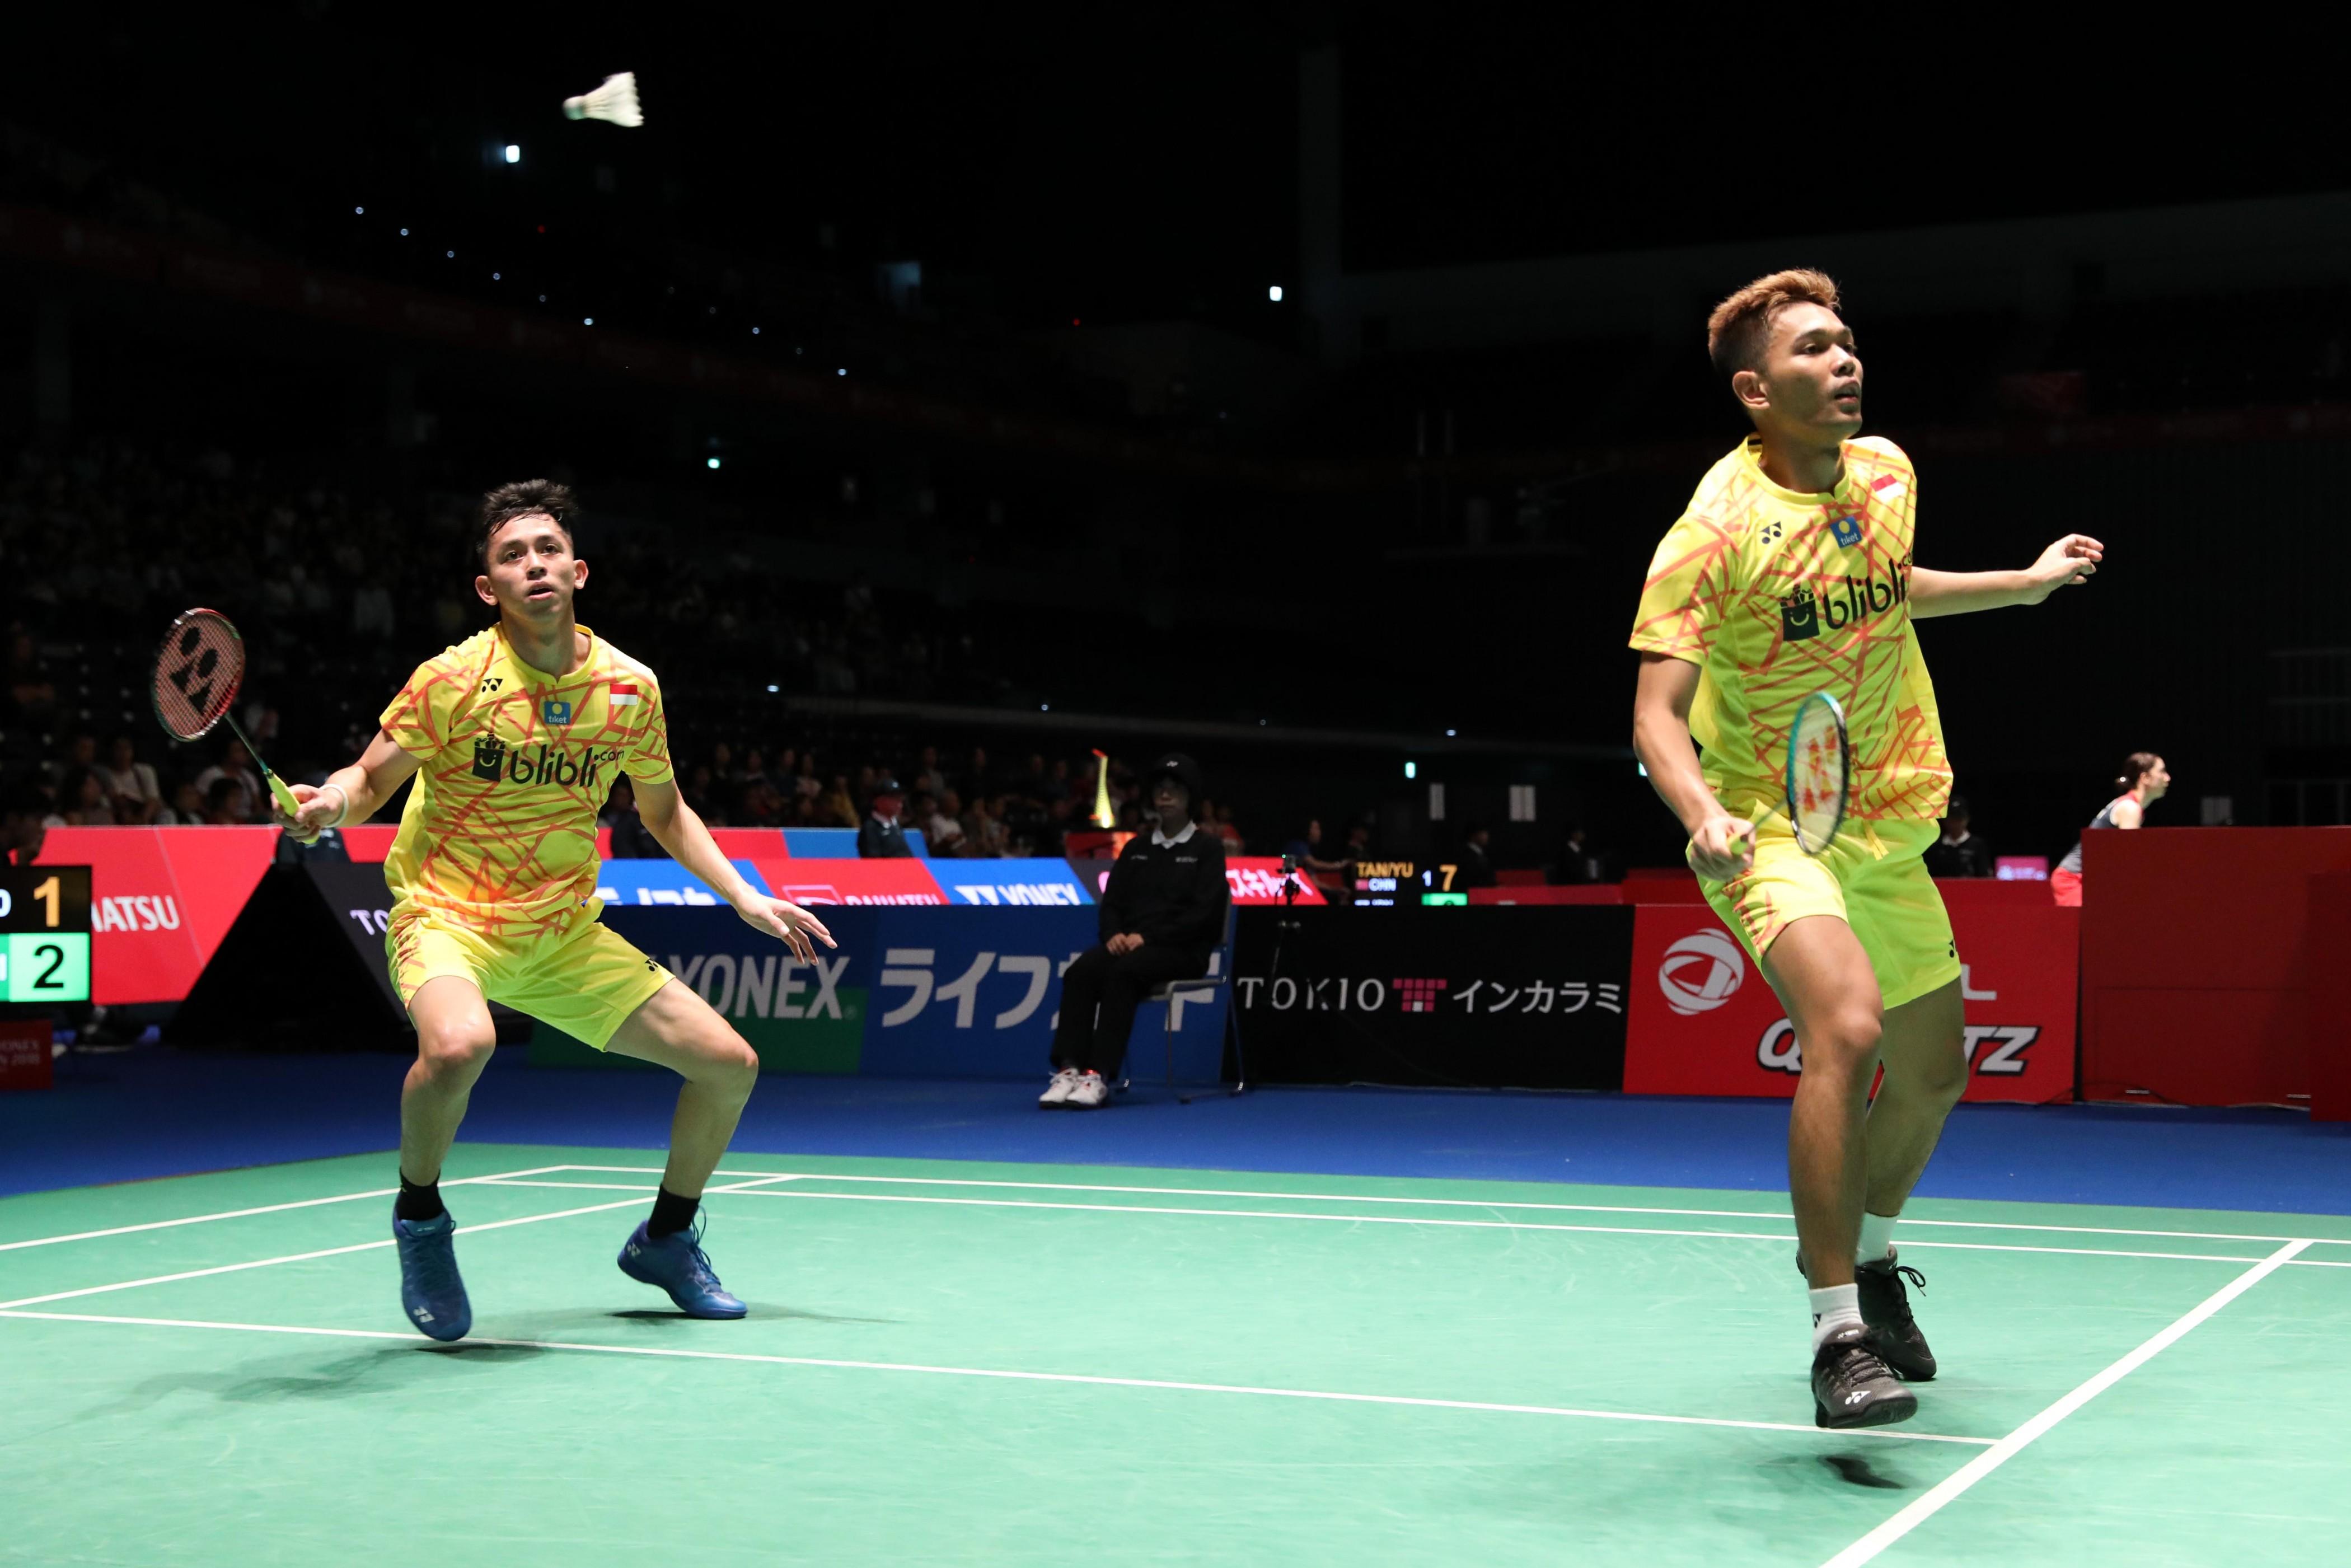 Fajar/Rian Gagal Lolos ke Semifinal Jepang Open 2018